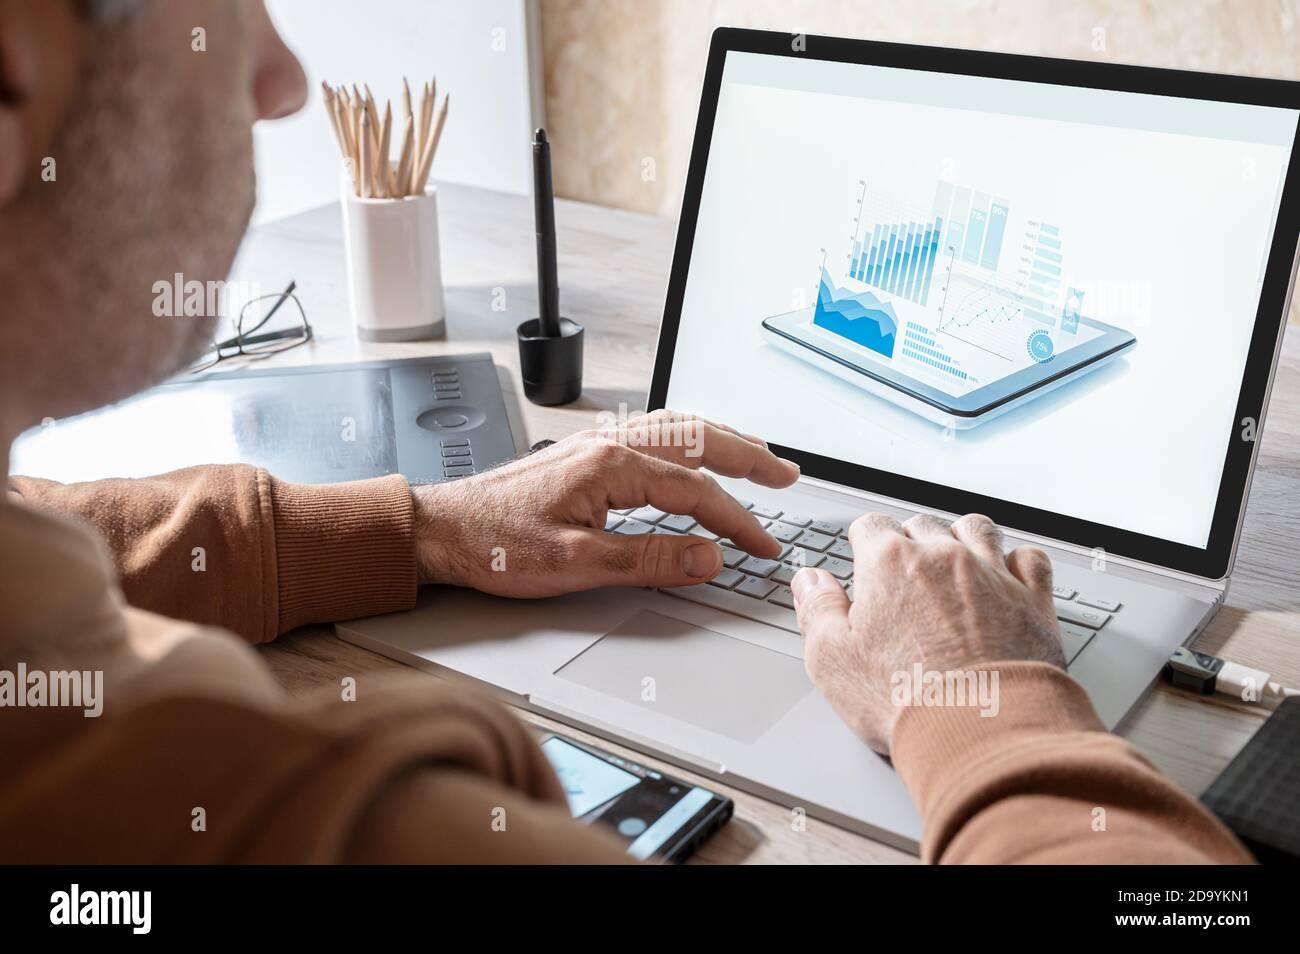 homme d'affaires analysant des statistiques sur l'écran d'ordinateur portable, travaillant avec des graphiques financiers graphiques en ligne, en utilisant des logiciels d'affaires pour l'analyse de données et de projet Banque D'Images